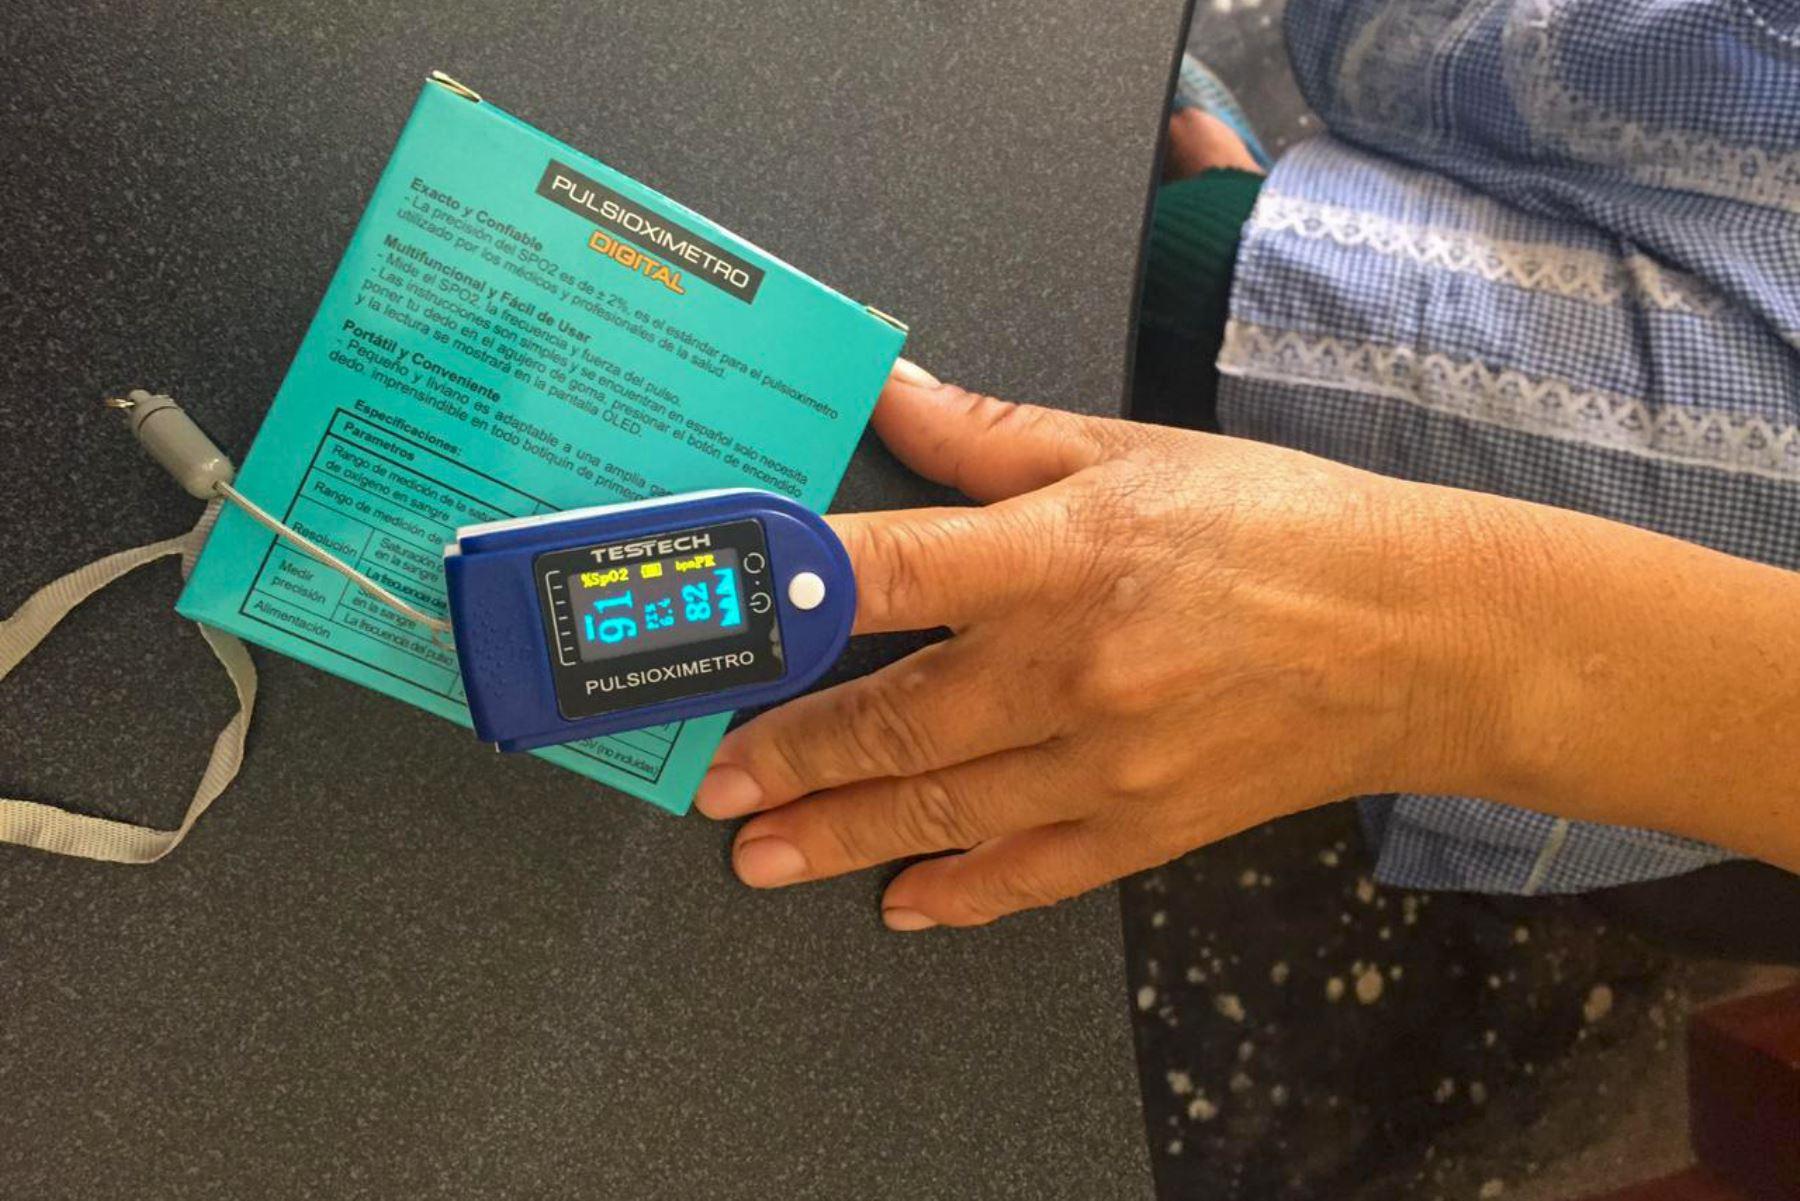 Un total de 468 pulsioxímetros y termómetros digitales, así como equipos de protección personal, vienen siendo utilizados en los Tambos del Programa Nacional PAIS del MIDIS para prevenir e identificar casos sospechosos de contagios Covid-19 en diversos centros poblados del territorio nacional. Foto: ANDINA/Midis